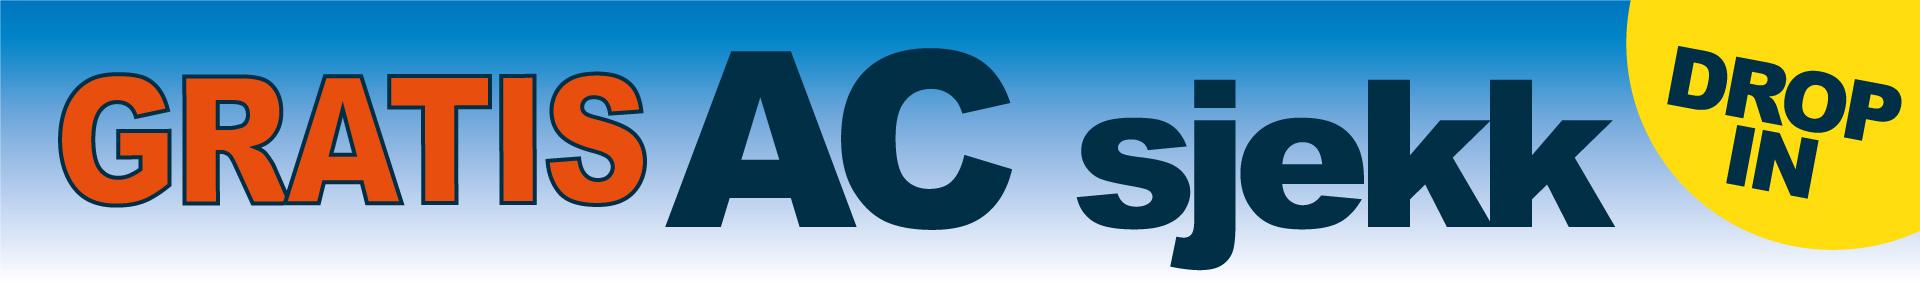 Heatco utfører gratis 6 punkts AC sjekk - drop in og kontroller klimasystemet når det passer for deg.